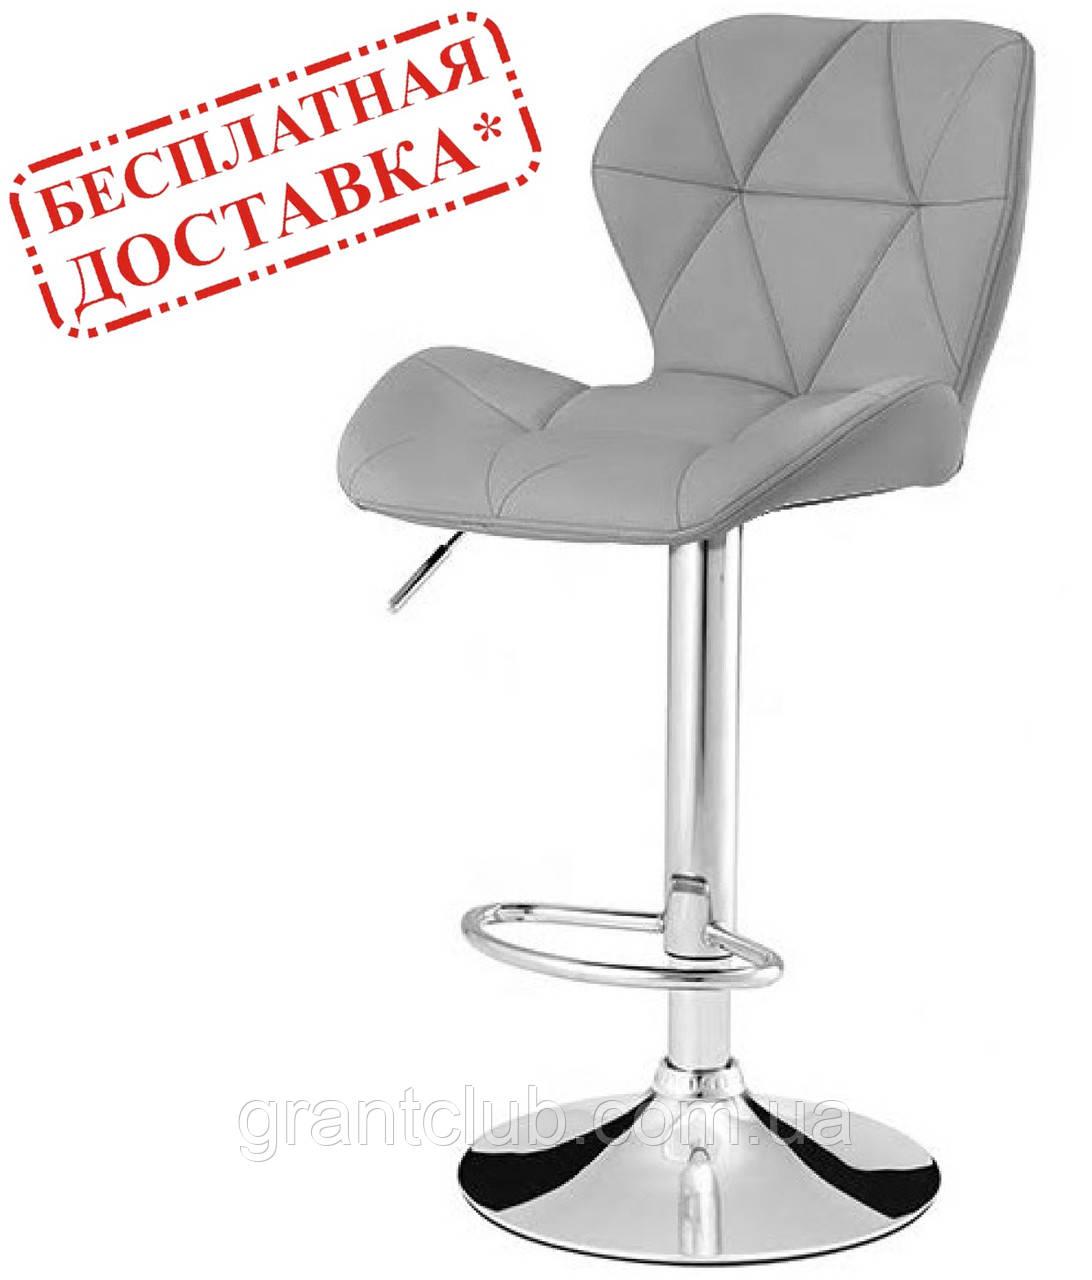 Барний стілець м'який СТАРЛАЙН сірий екокожа СДМ група (безкоштовна доставка)